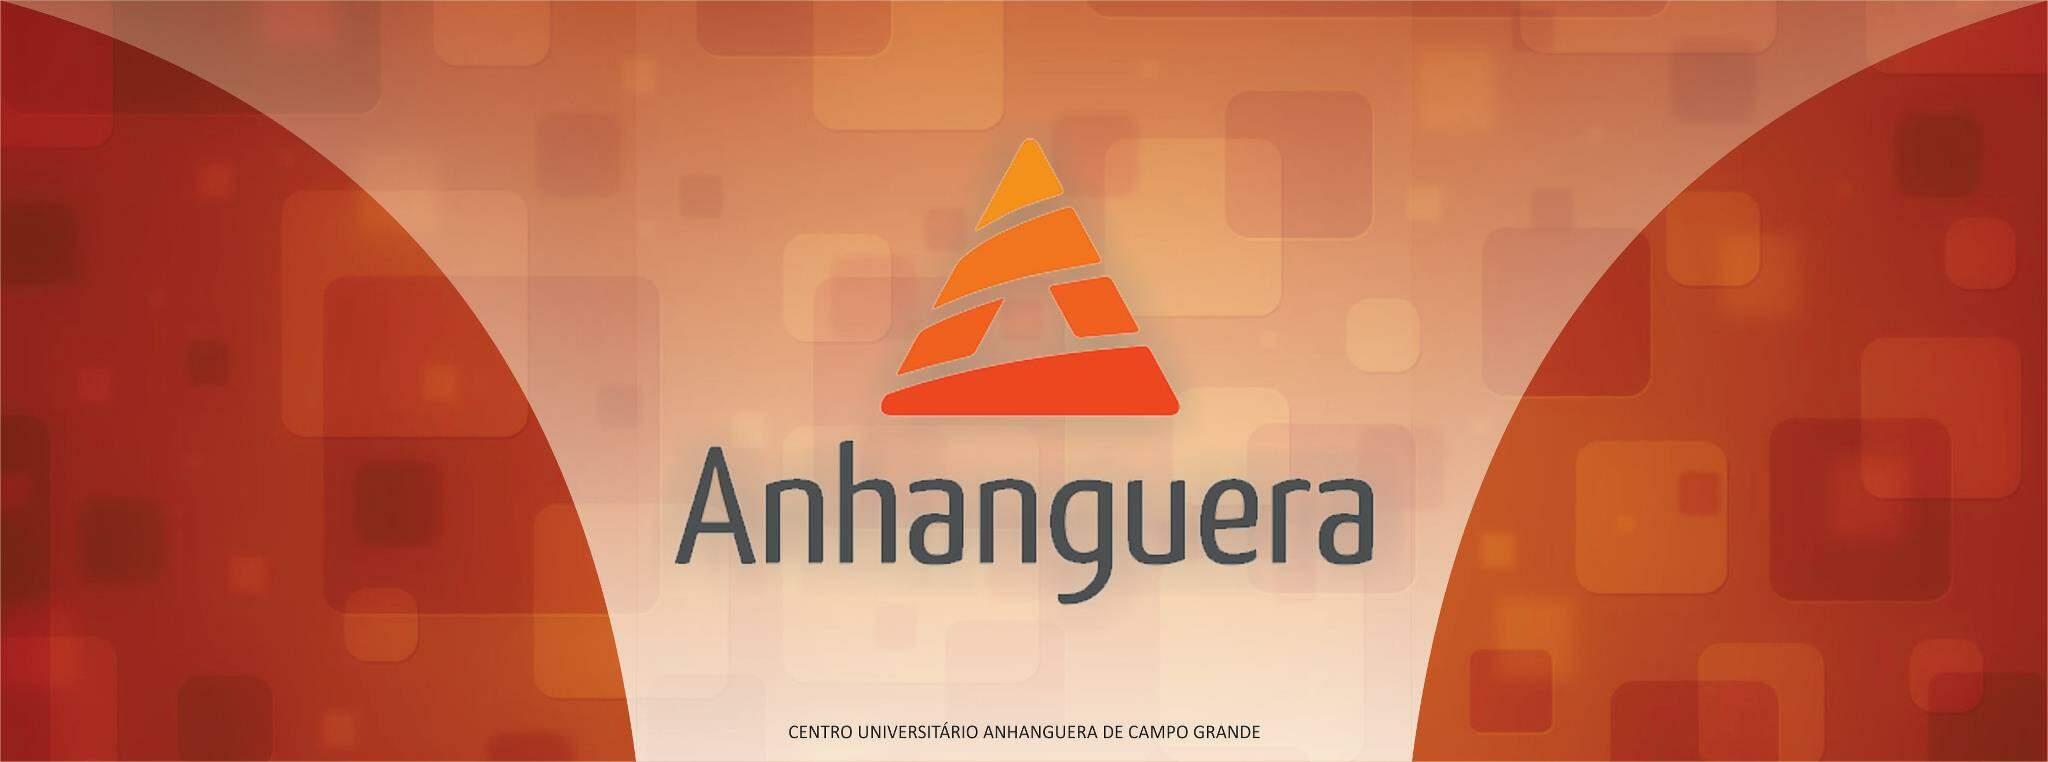 Vestibular de São João Anhanguera com Bolsas de estudo